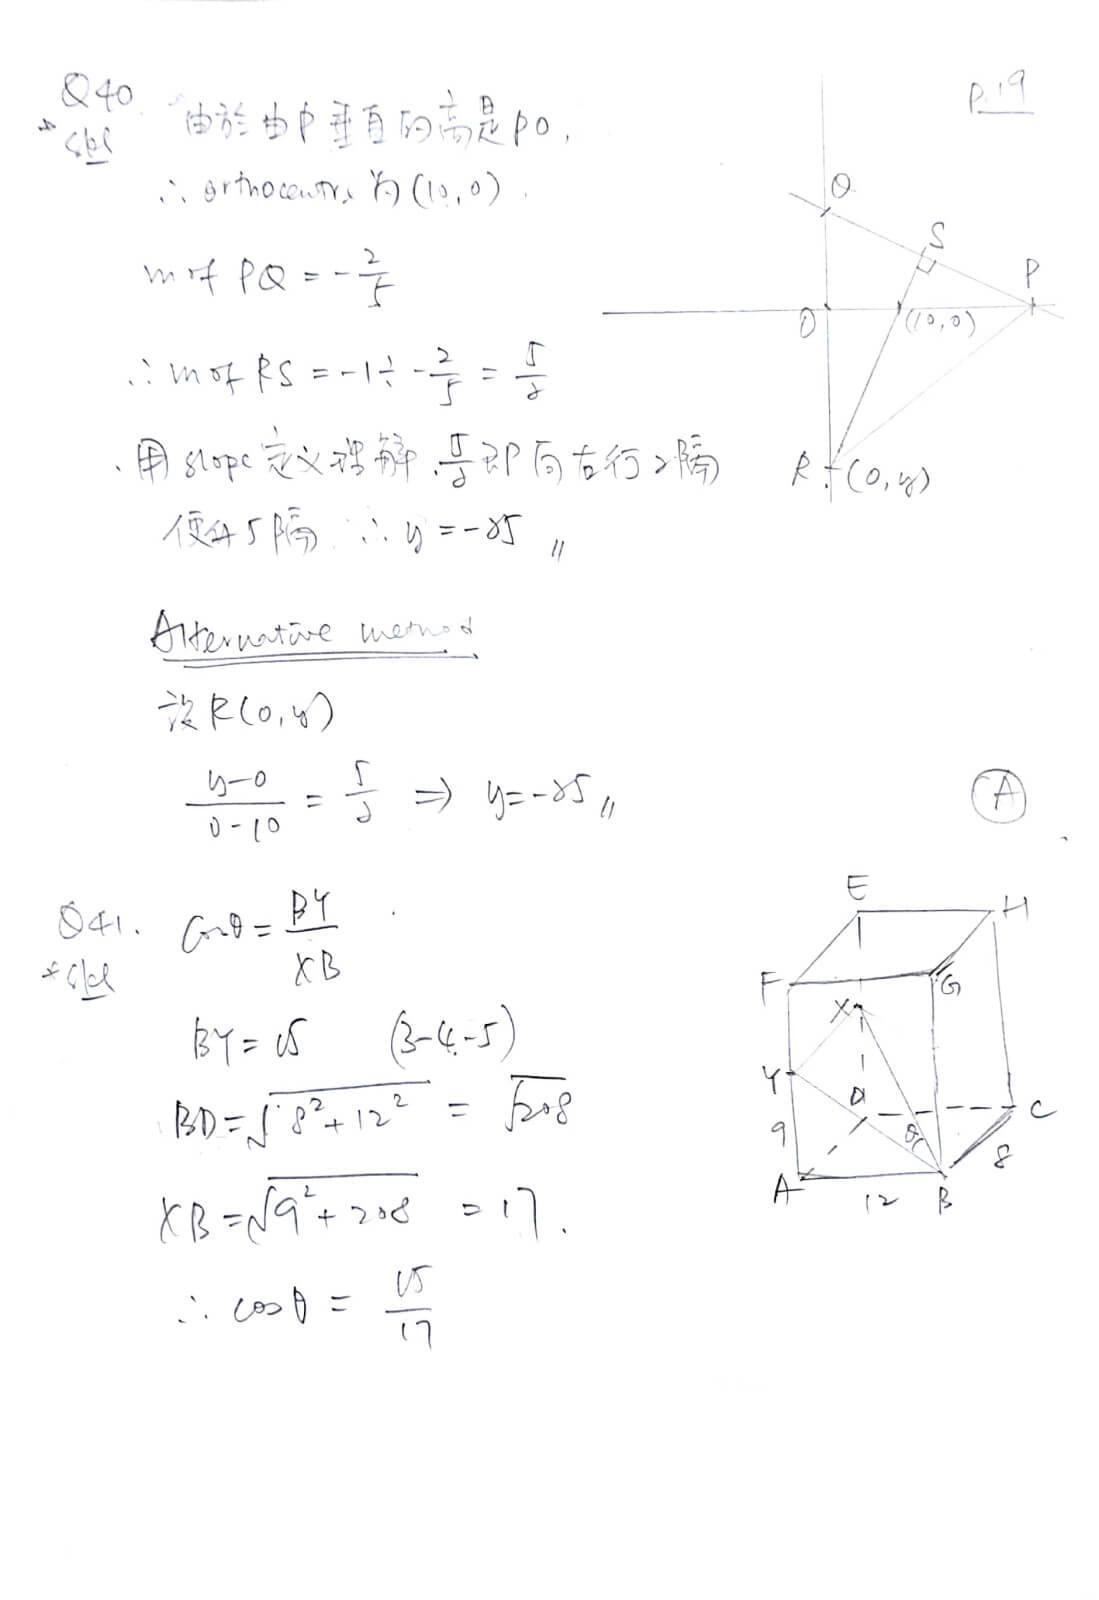 2018 DSE 數學卷二(MC) 詳細答案 Q40,41